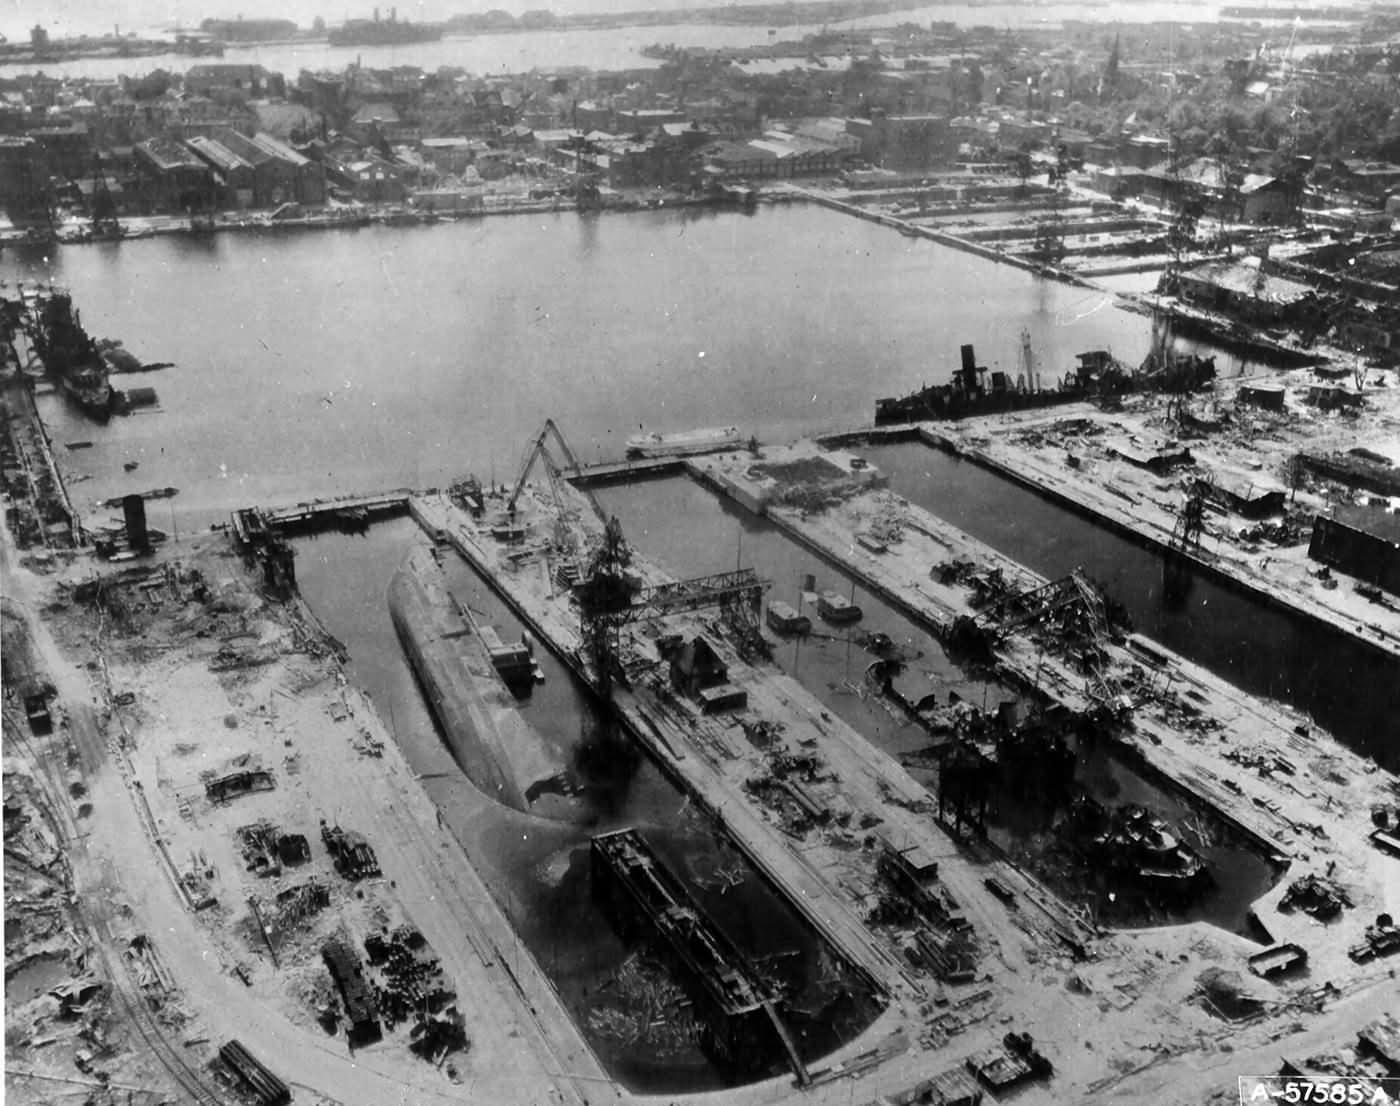 Wilhelmshaven Shipyards Wrecked